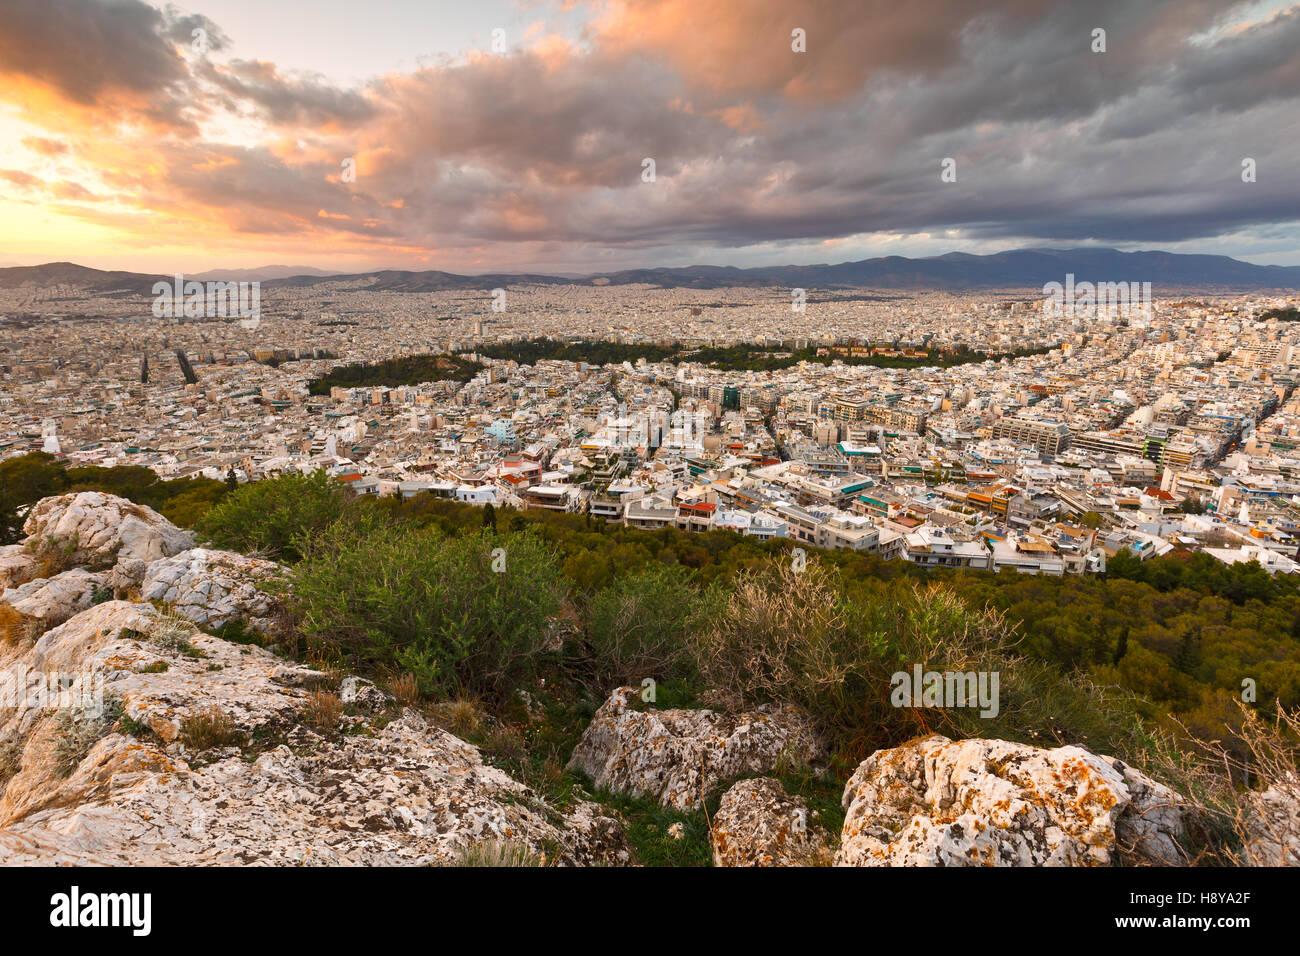 Vista di Atene dal Colle Lycabettus, Grecia. Immagini Stock